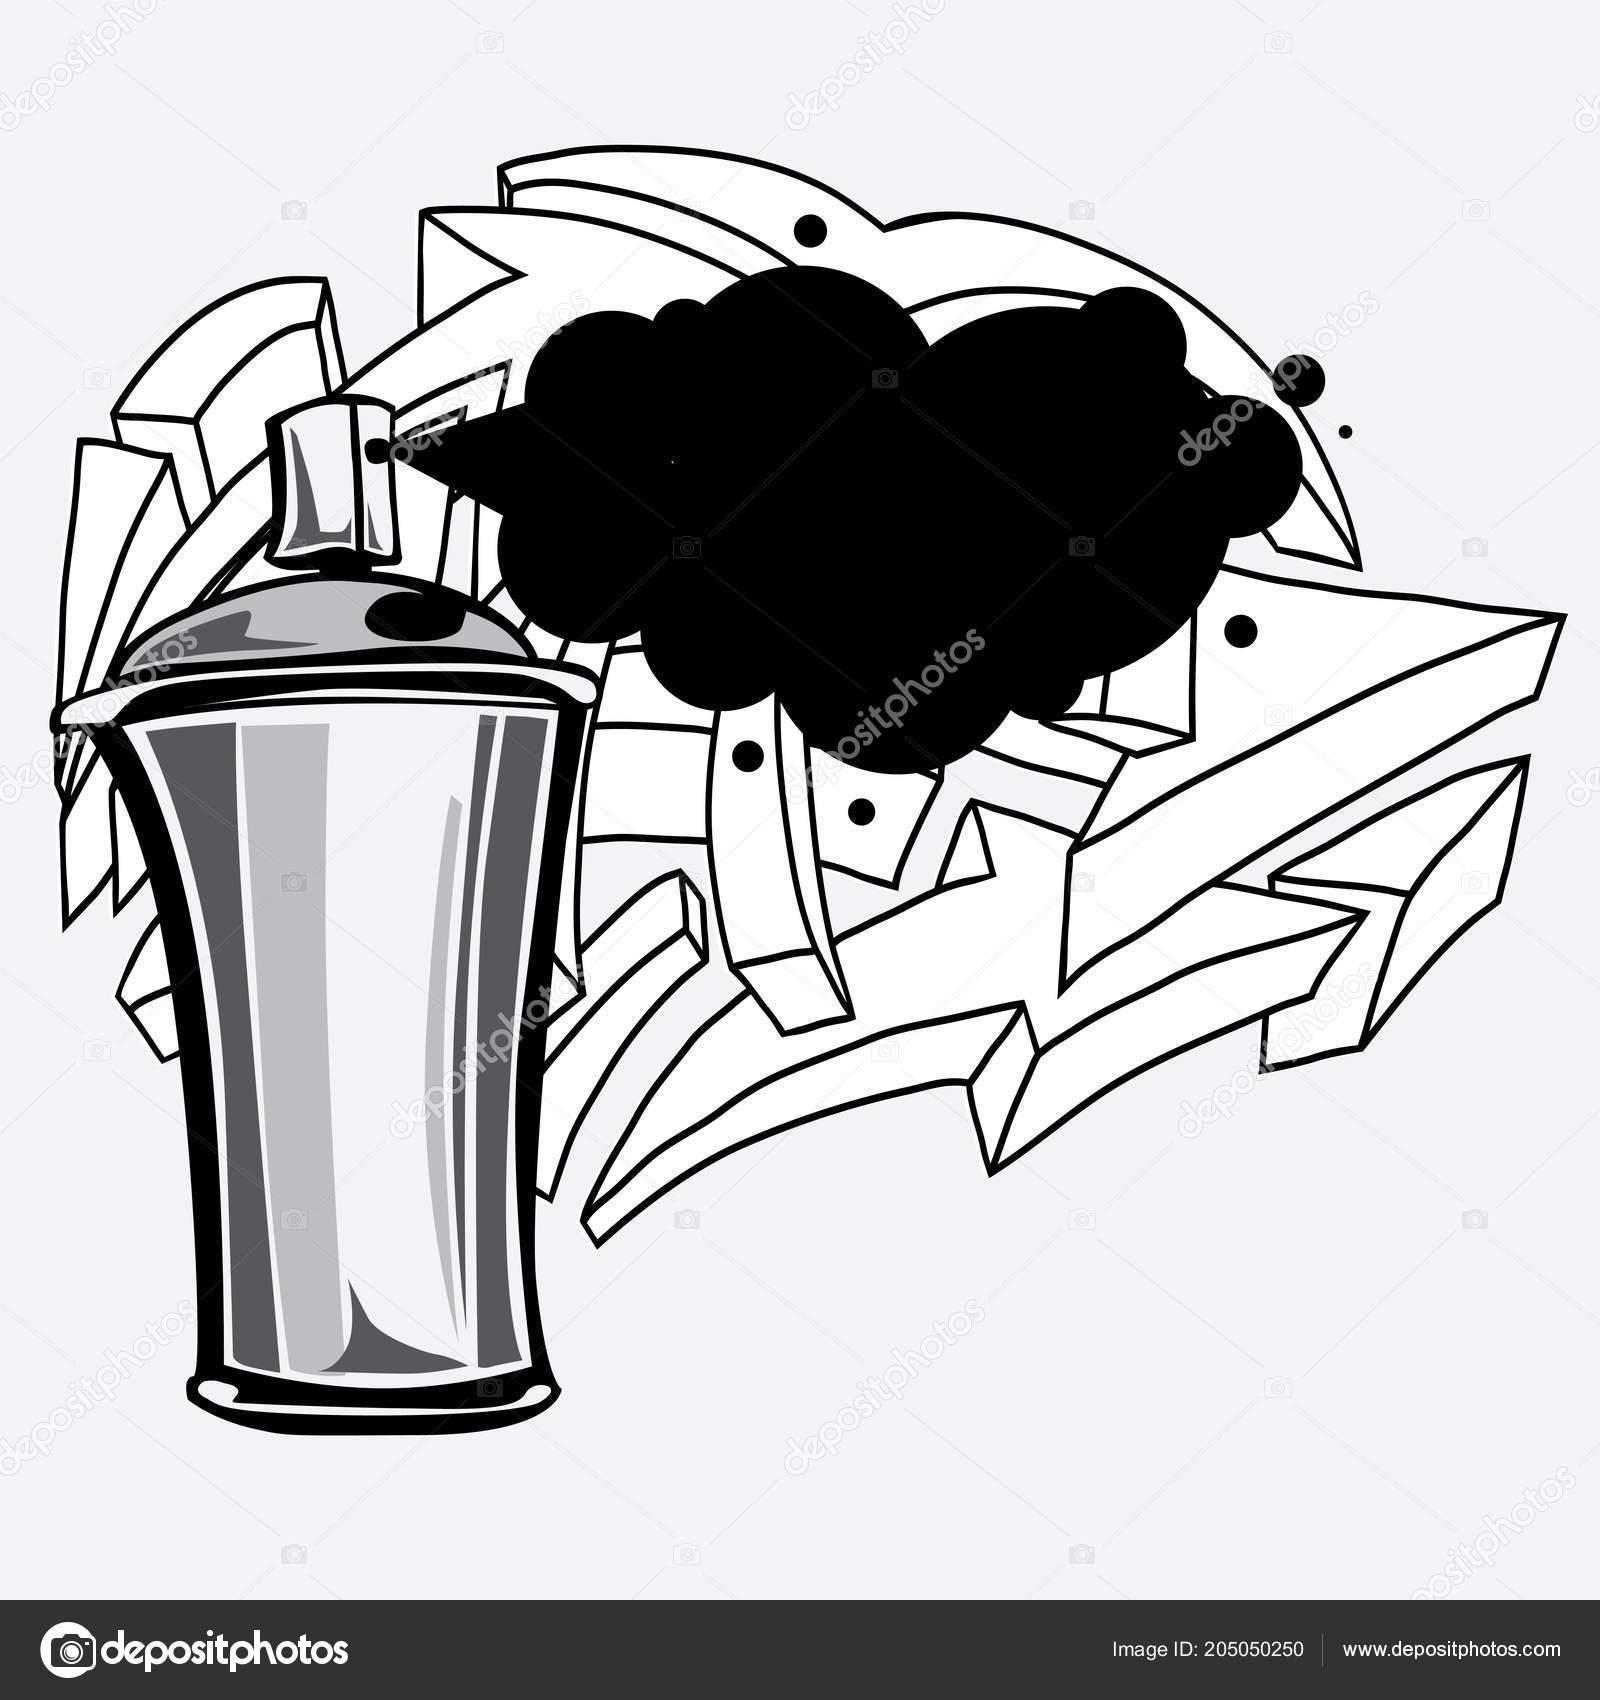 Spray Can Graffiti Arrows Vector Illustration